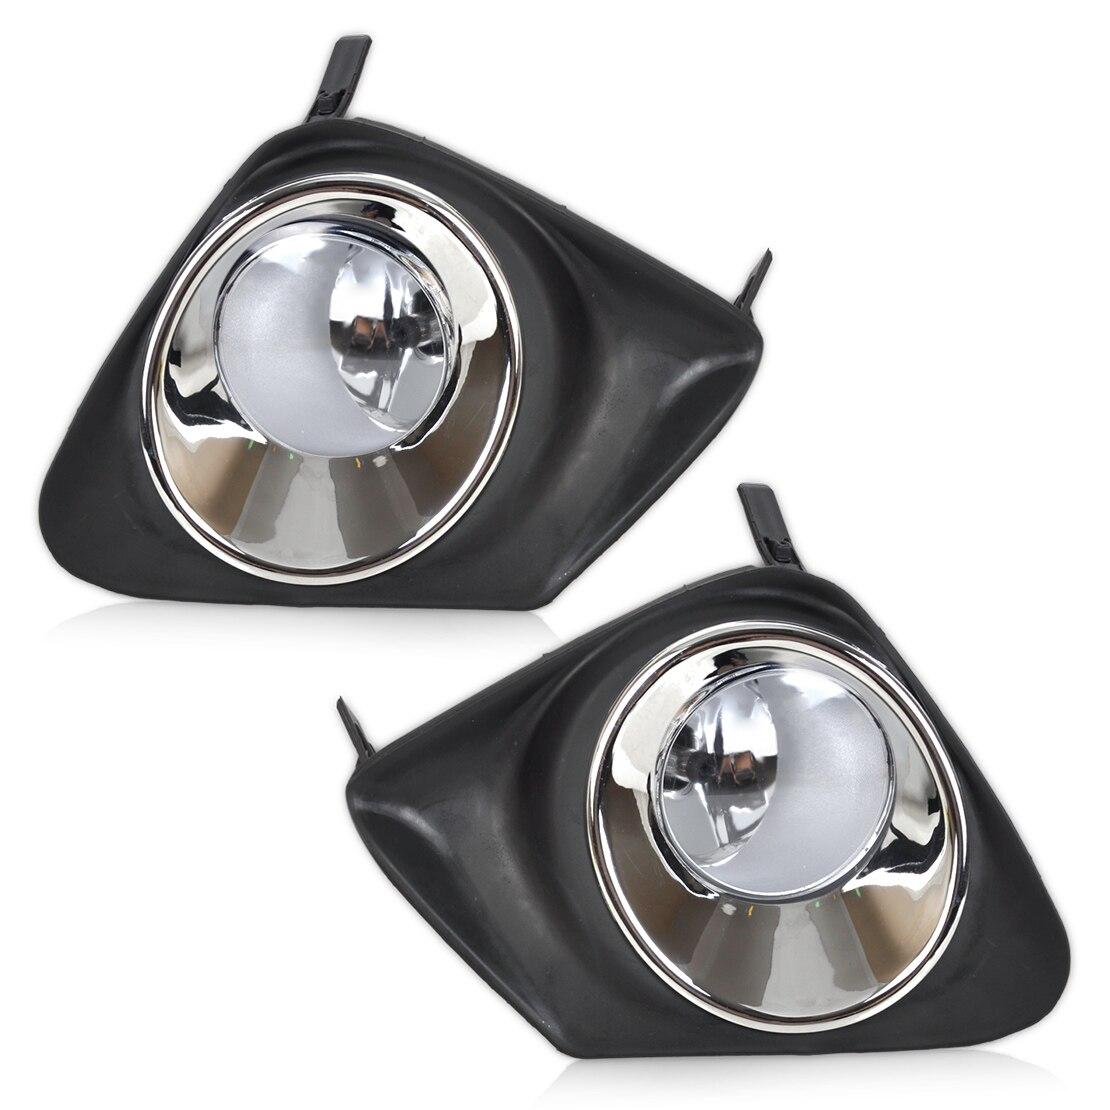 Beler 4pcs front bumper left right fog light lamp black grille cover kit for toyota corolla 2011 2012 2013